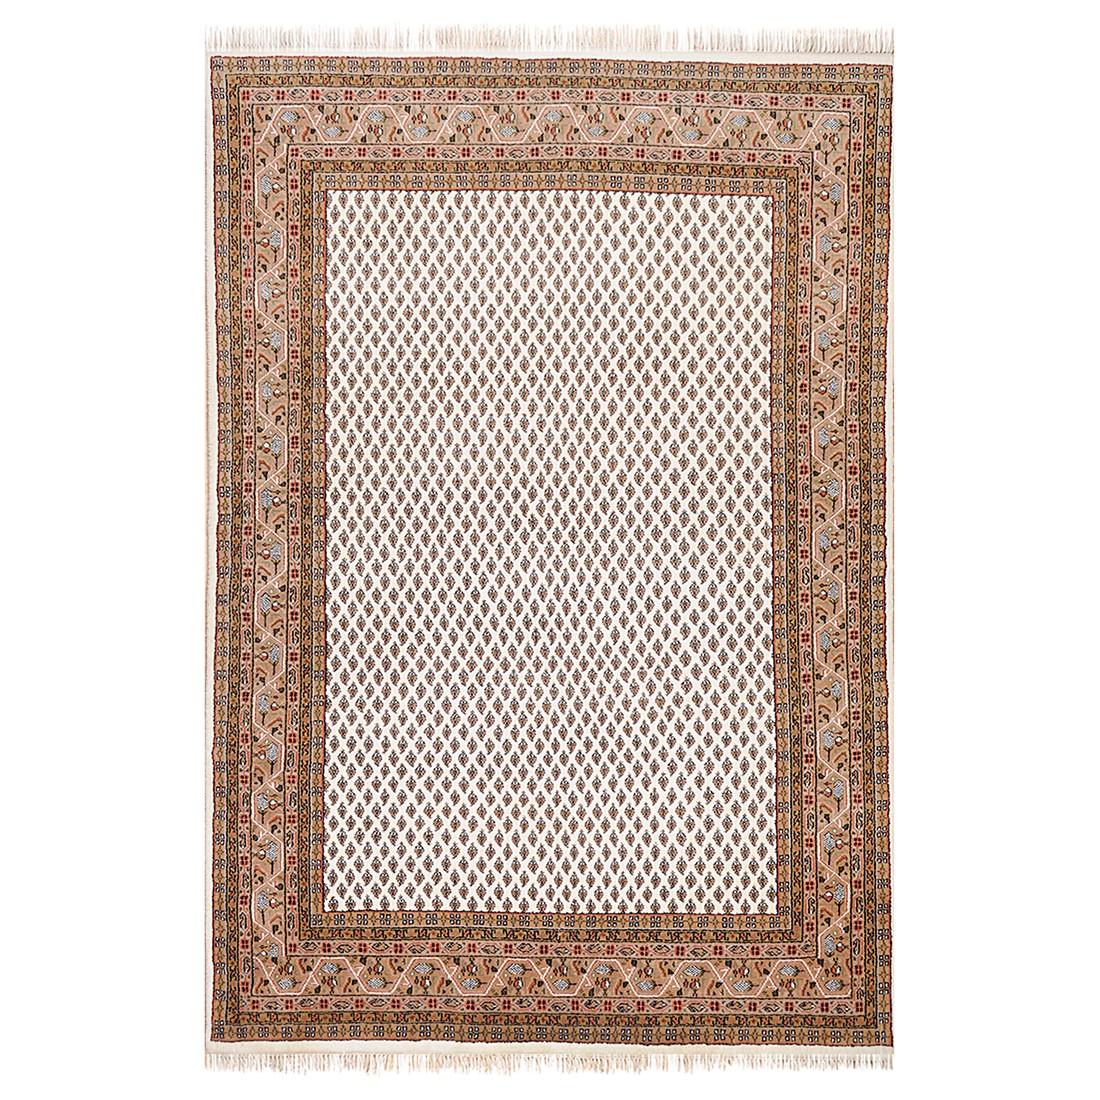 Teppich Chandi Mir - Wolle/Creme - 250 cm x 350 cm, Theko die markenteppiche